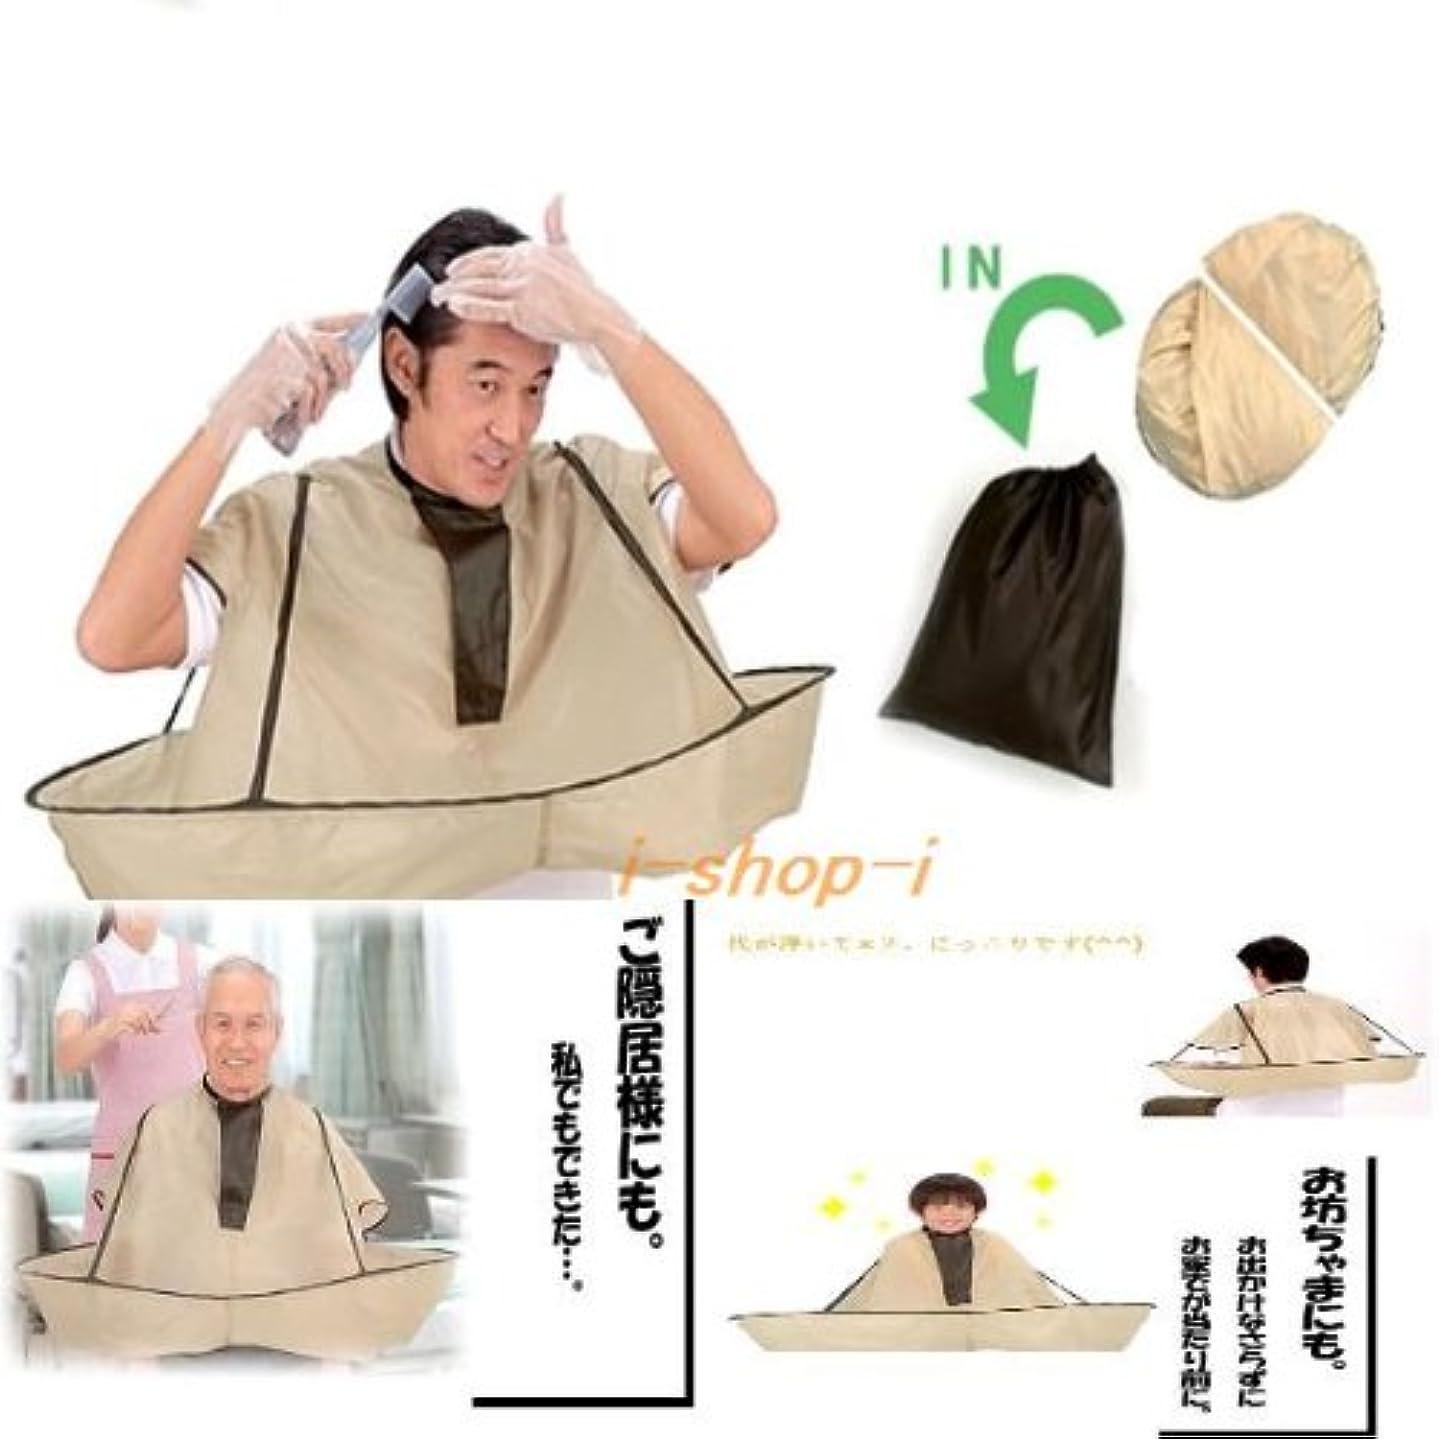 責任毎年退屈散髪 毛染め 家族で使える ジャンボ散髪マント ヘアカラー 毛染めケープ カット セルフ